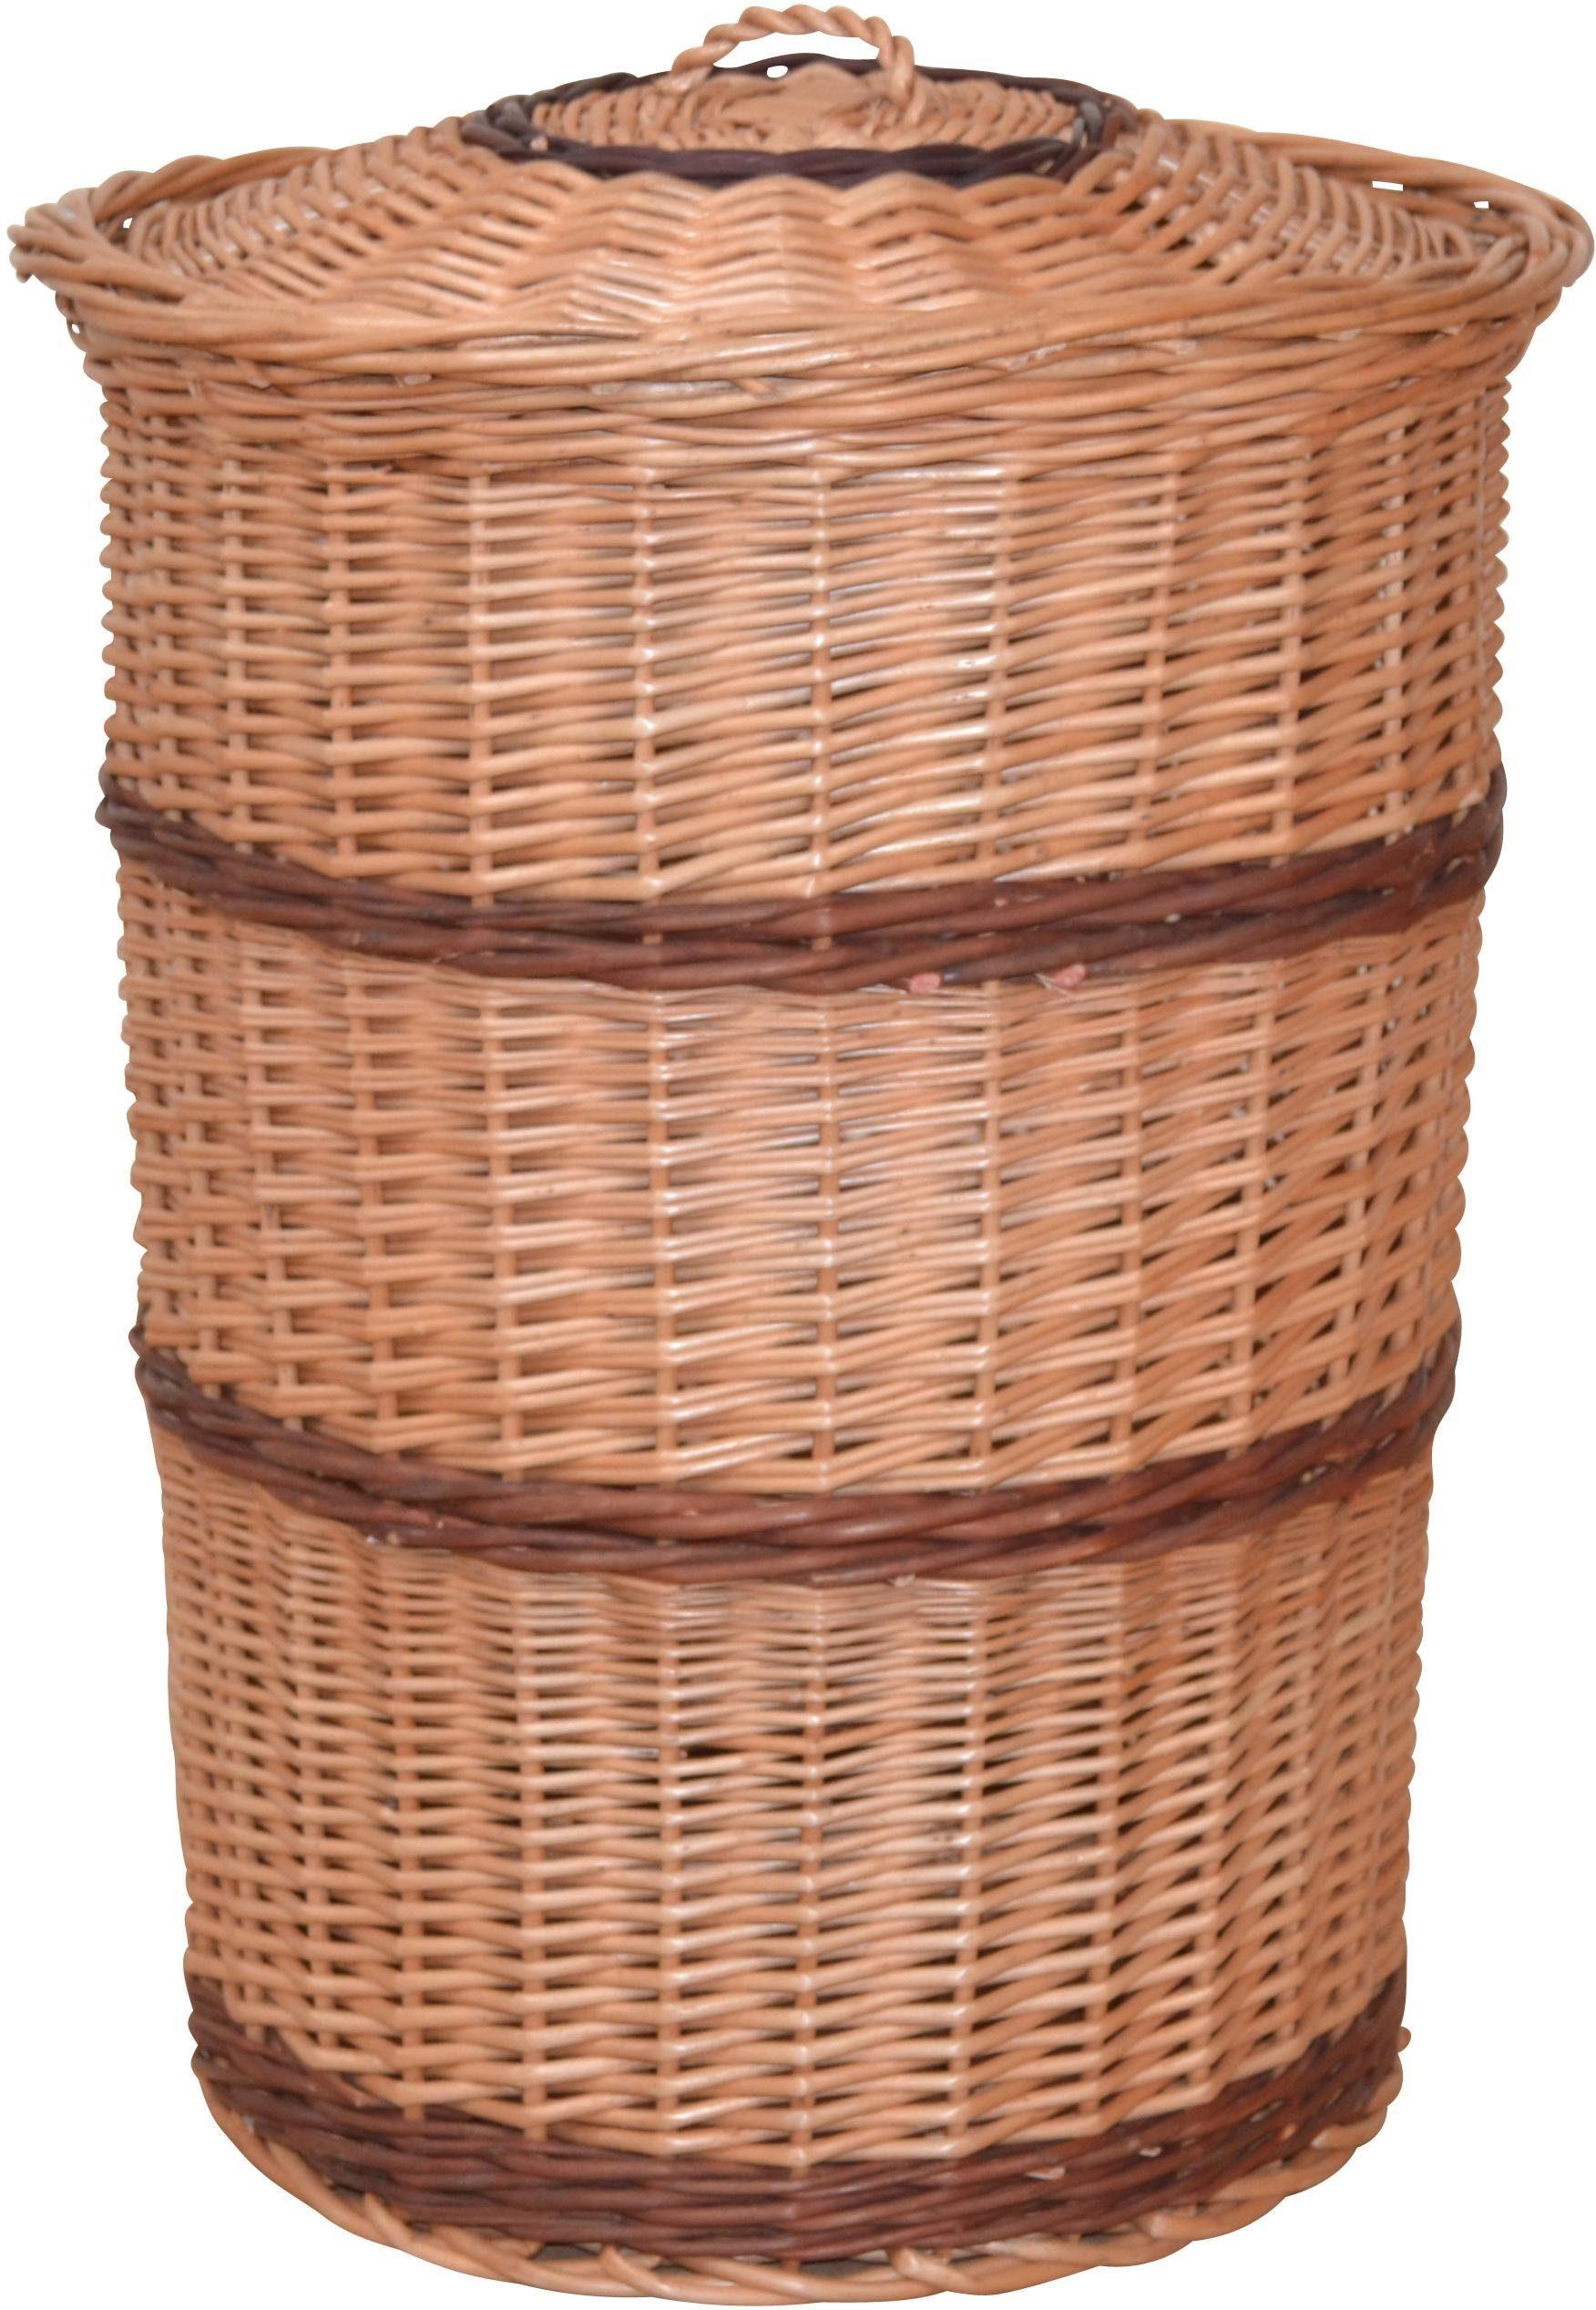 Wäschekorb aus gesottener Weide, mit dekorativen Streifen